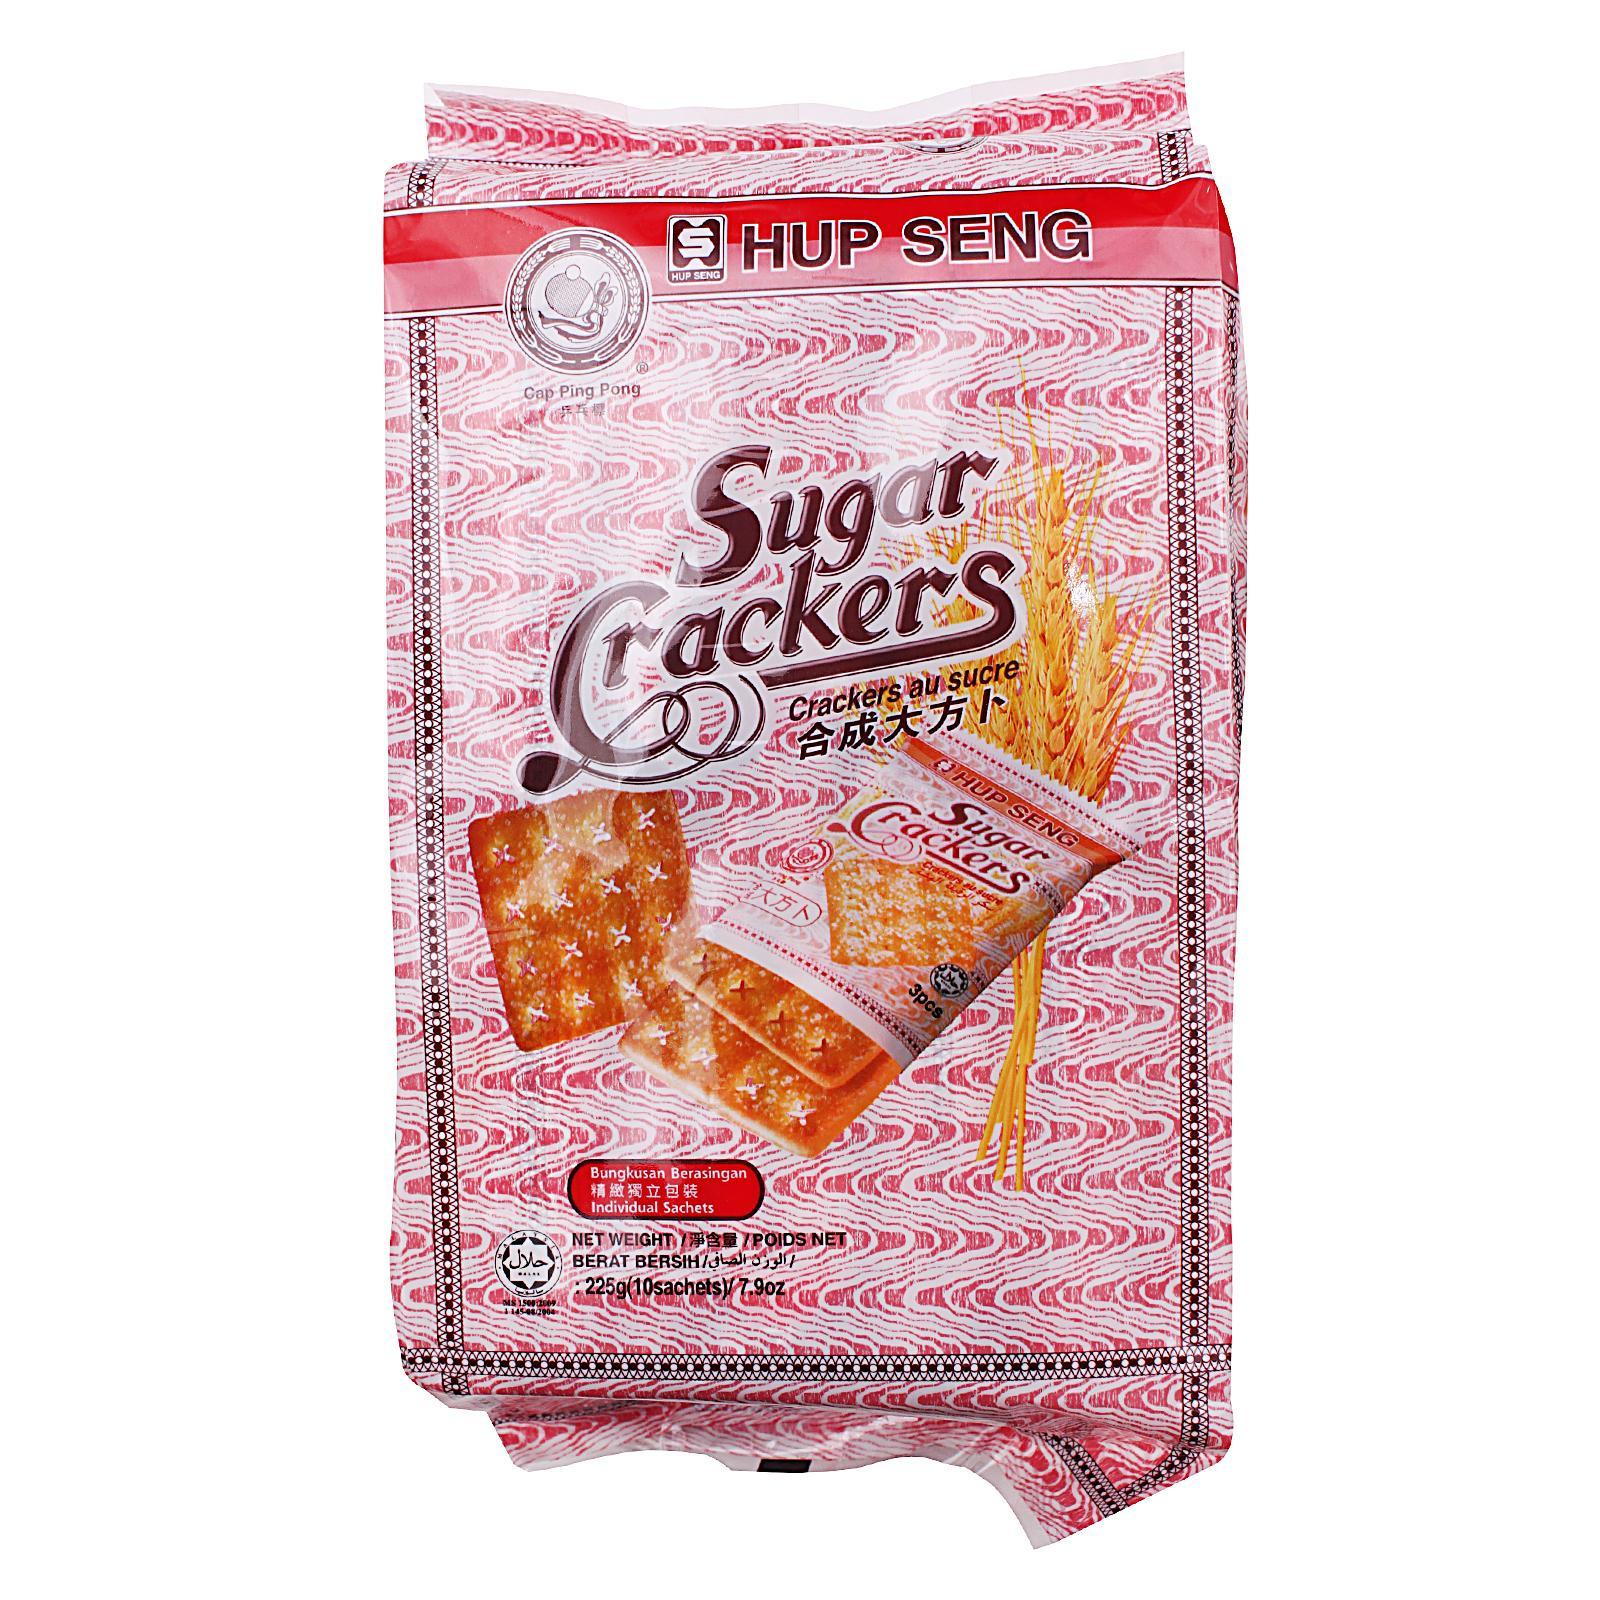 HUP SENG Sugar Crackers 10s